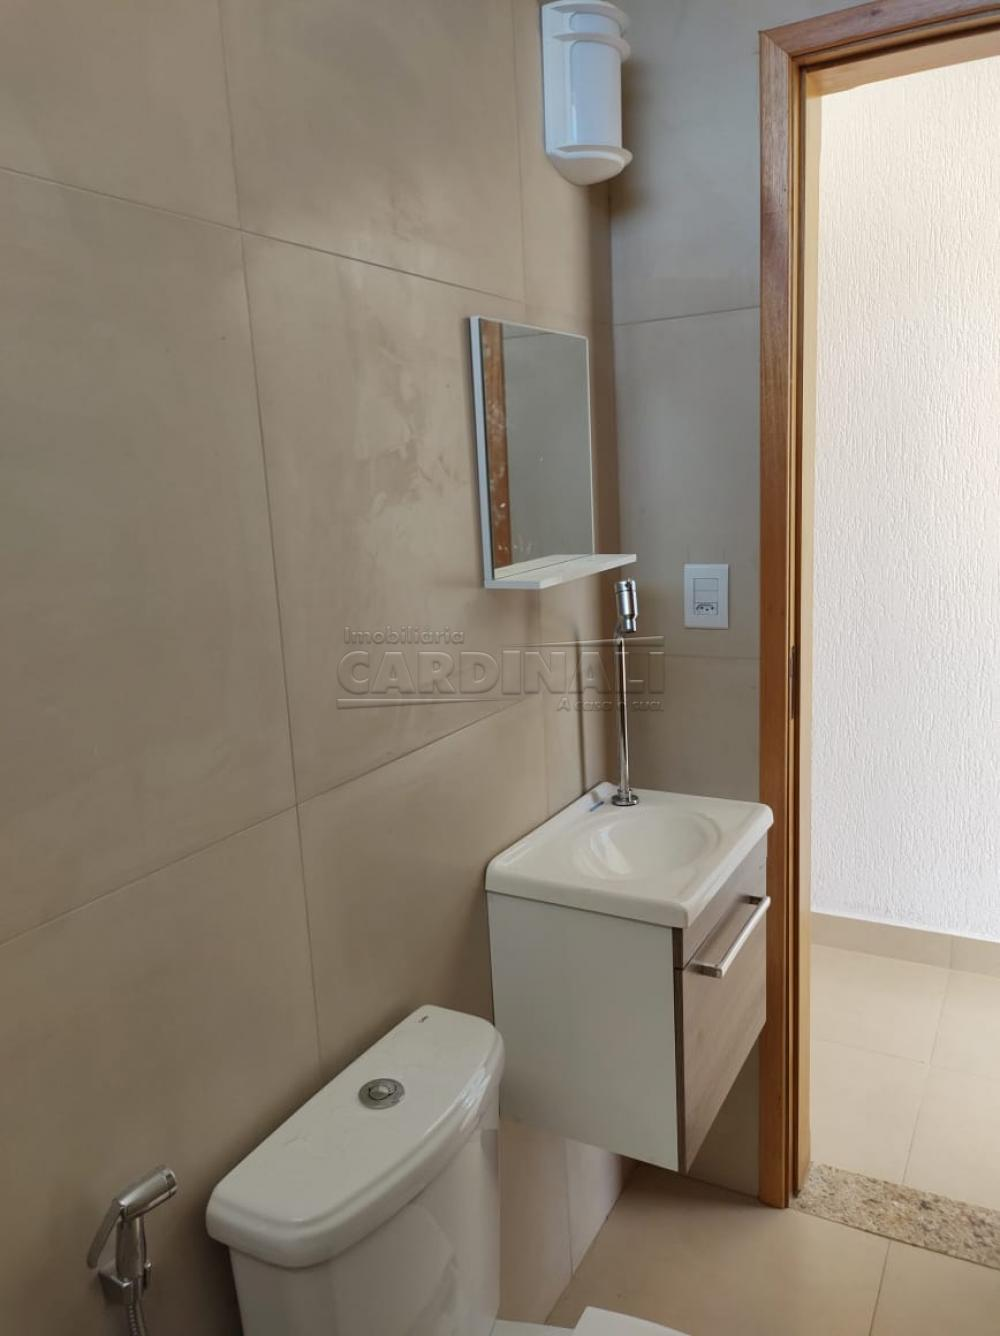 Comprar Casa / Condomínio em Araraquara R$ 480.000,00 - Foto 27